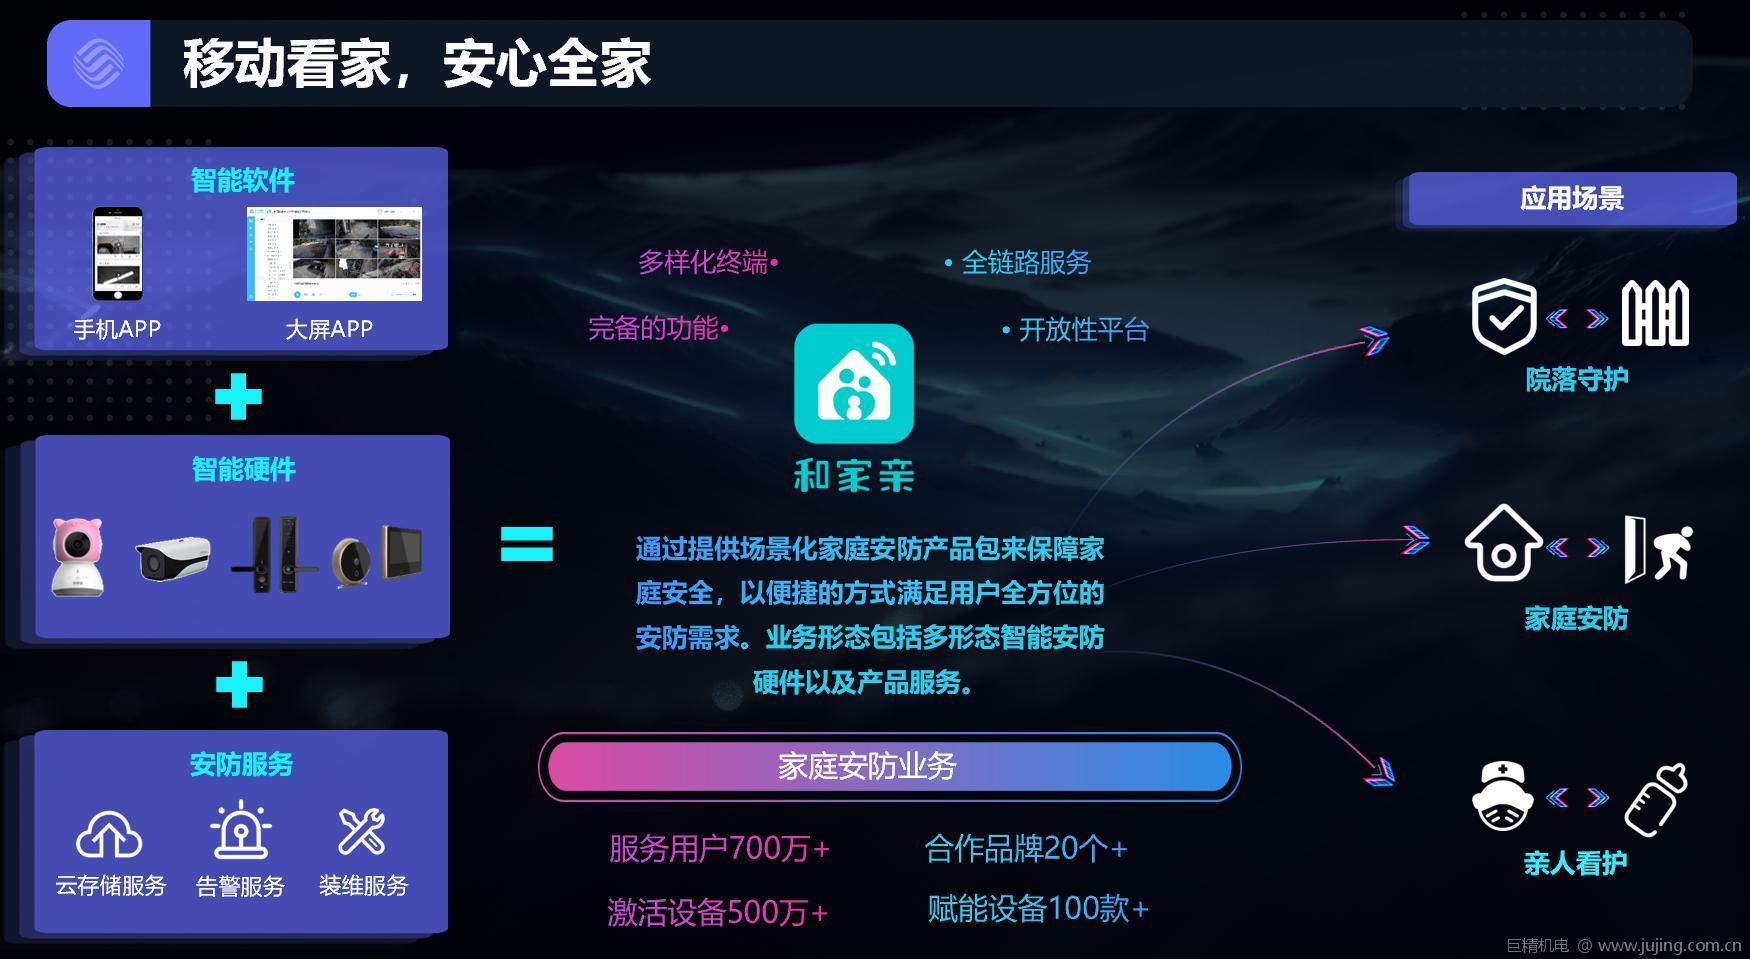 中国移动主导的首个家庭安防监控领域国际标准成功立项